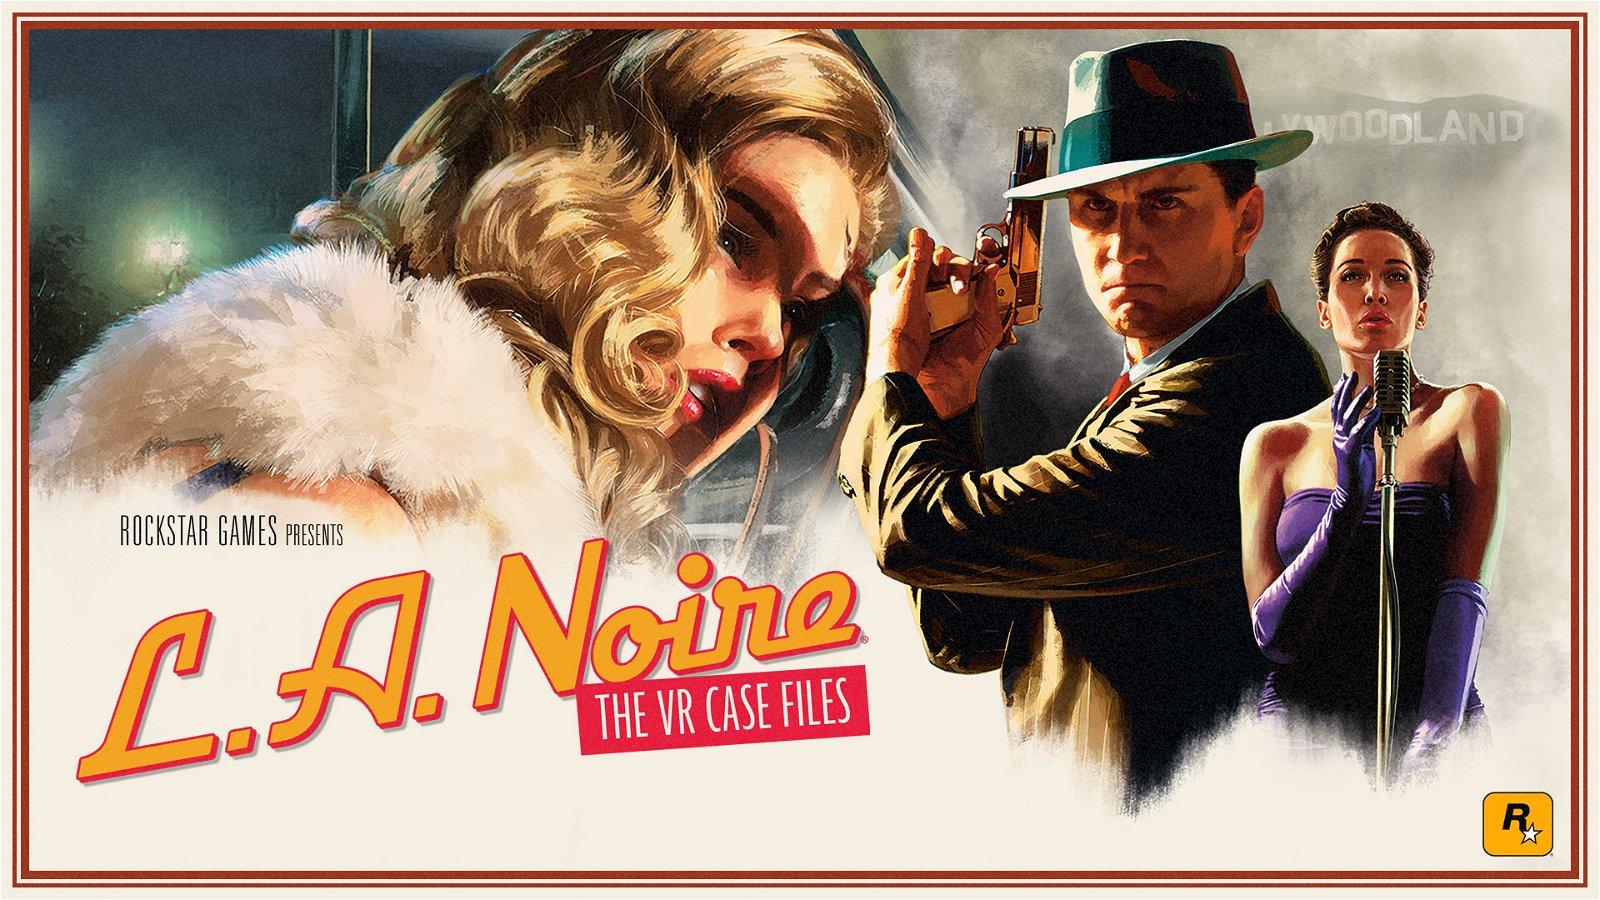 L.A. Noire: The VR Case Files Review 7